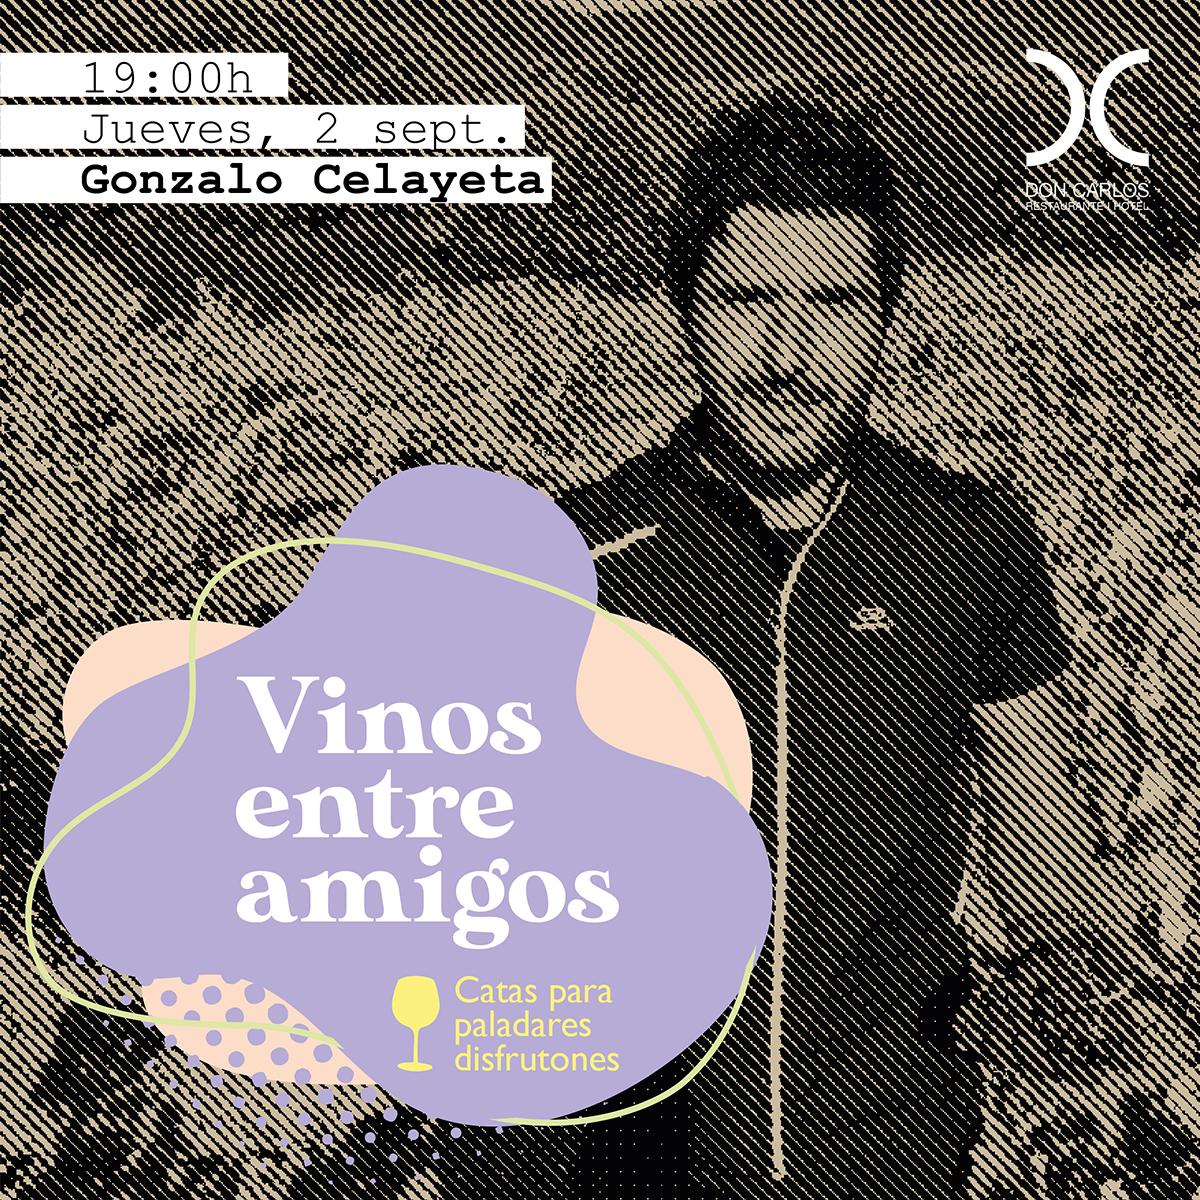 Vinos entre amigos - Restaurante Hotel Don carlos - cata de vinos